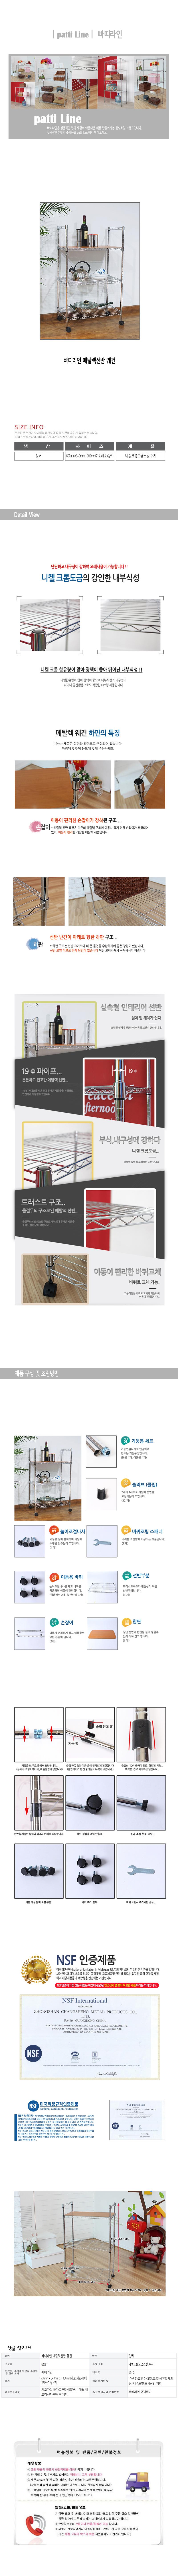 메탈랙선반 웨건 - 빠띠빠띠, 52,500원, 수납/선반장, 선반장